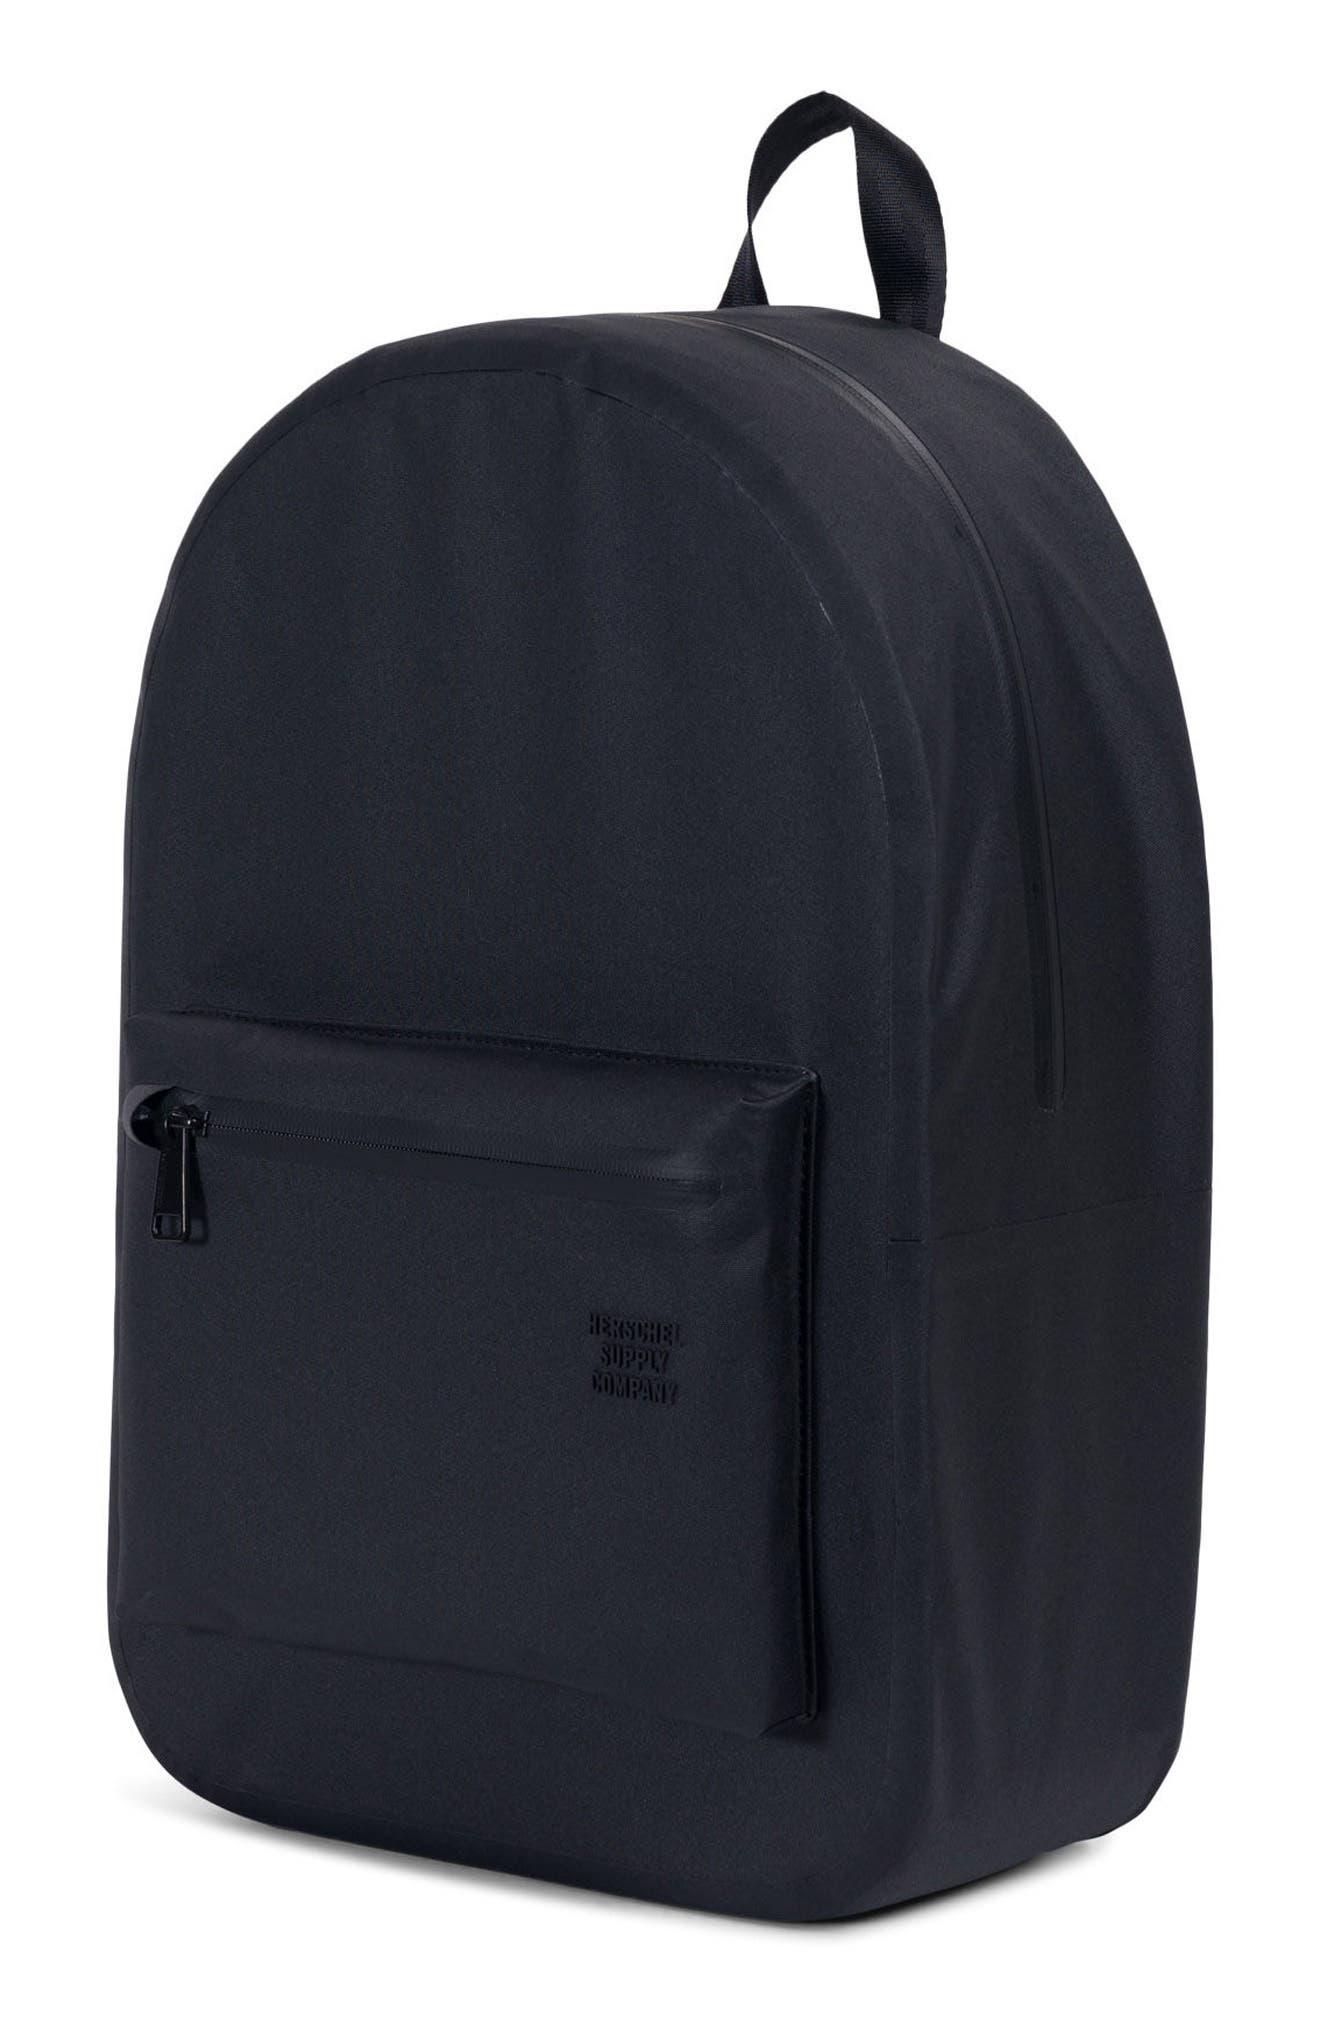 Settlement Studio Backpack,                             Alternate thumbnail 4, color,                             BLACK